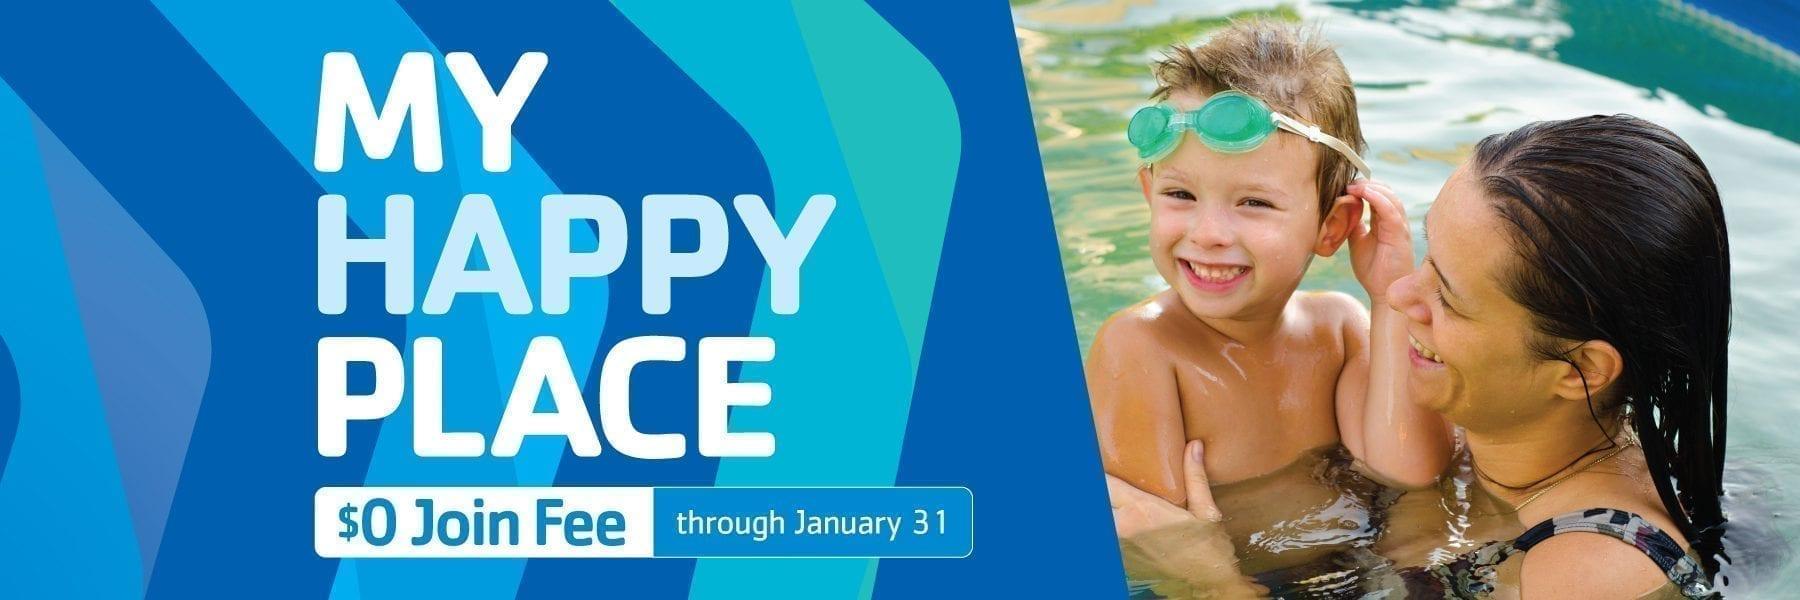 Holiday of Hope | YMCA of Greater Cincinnati